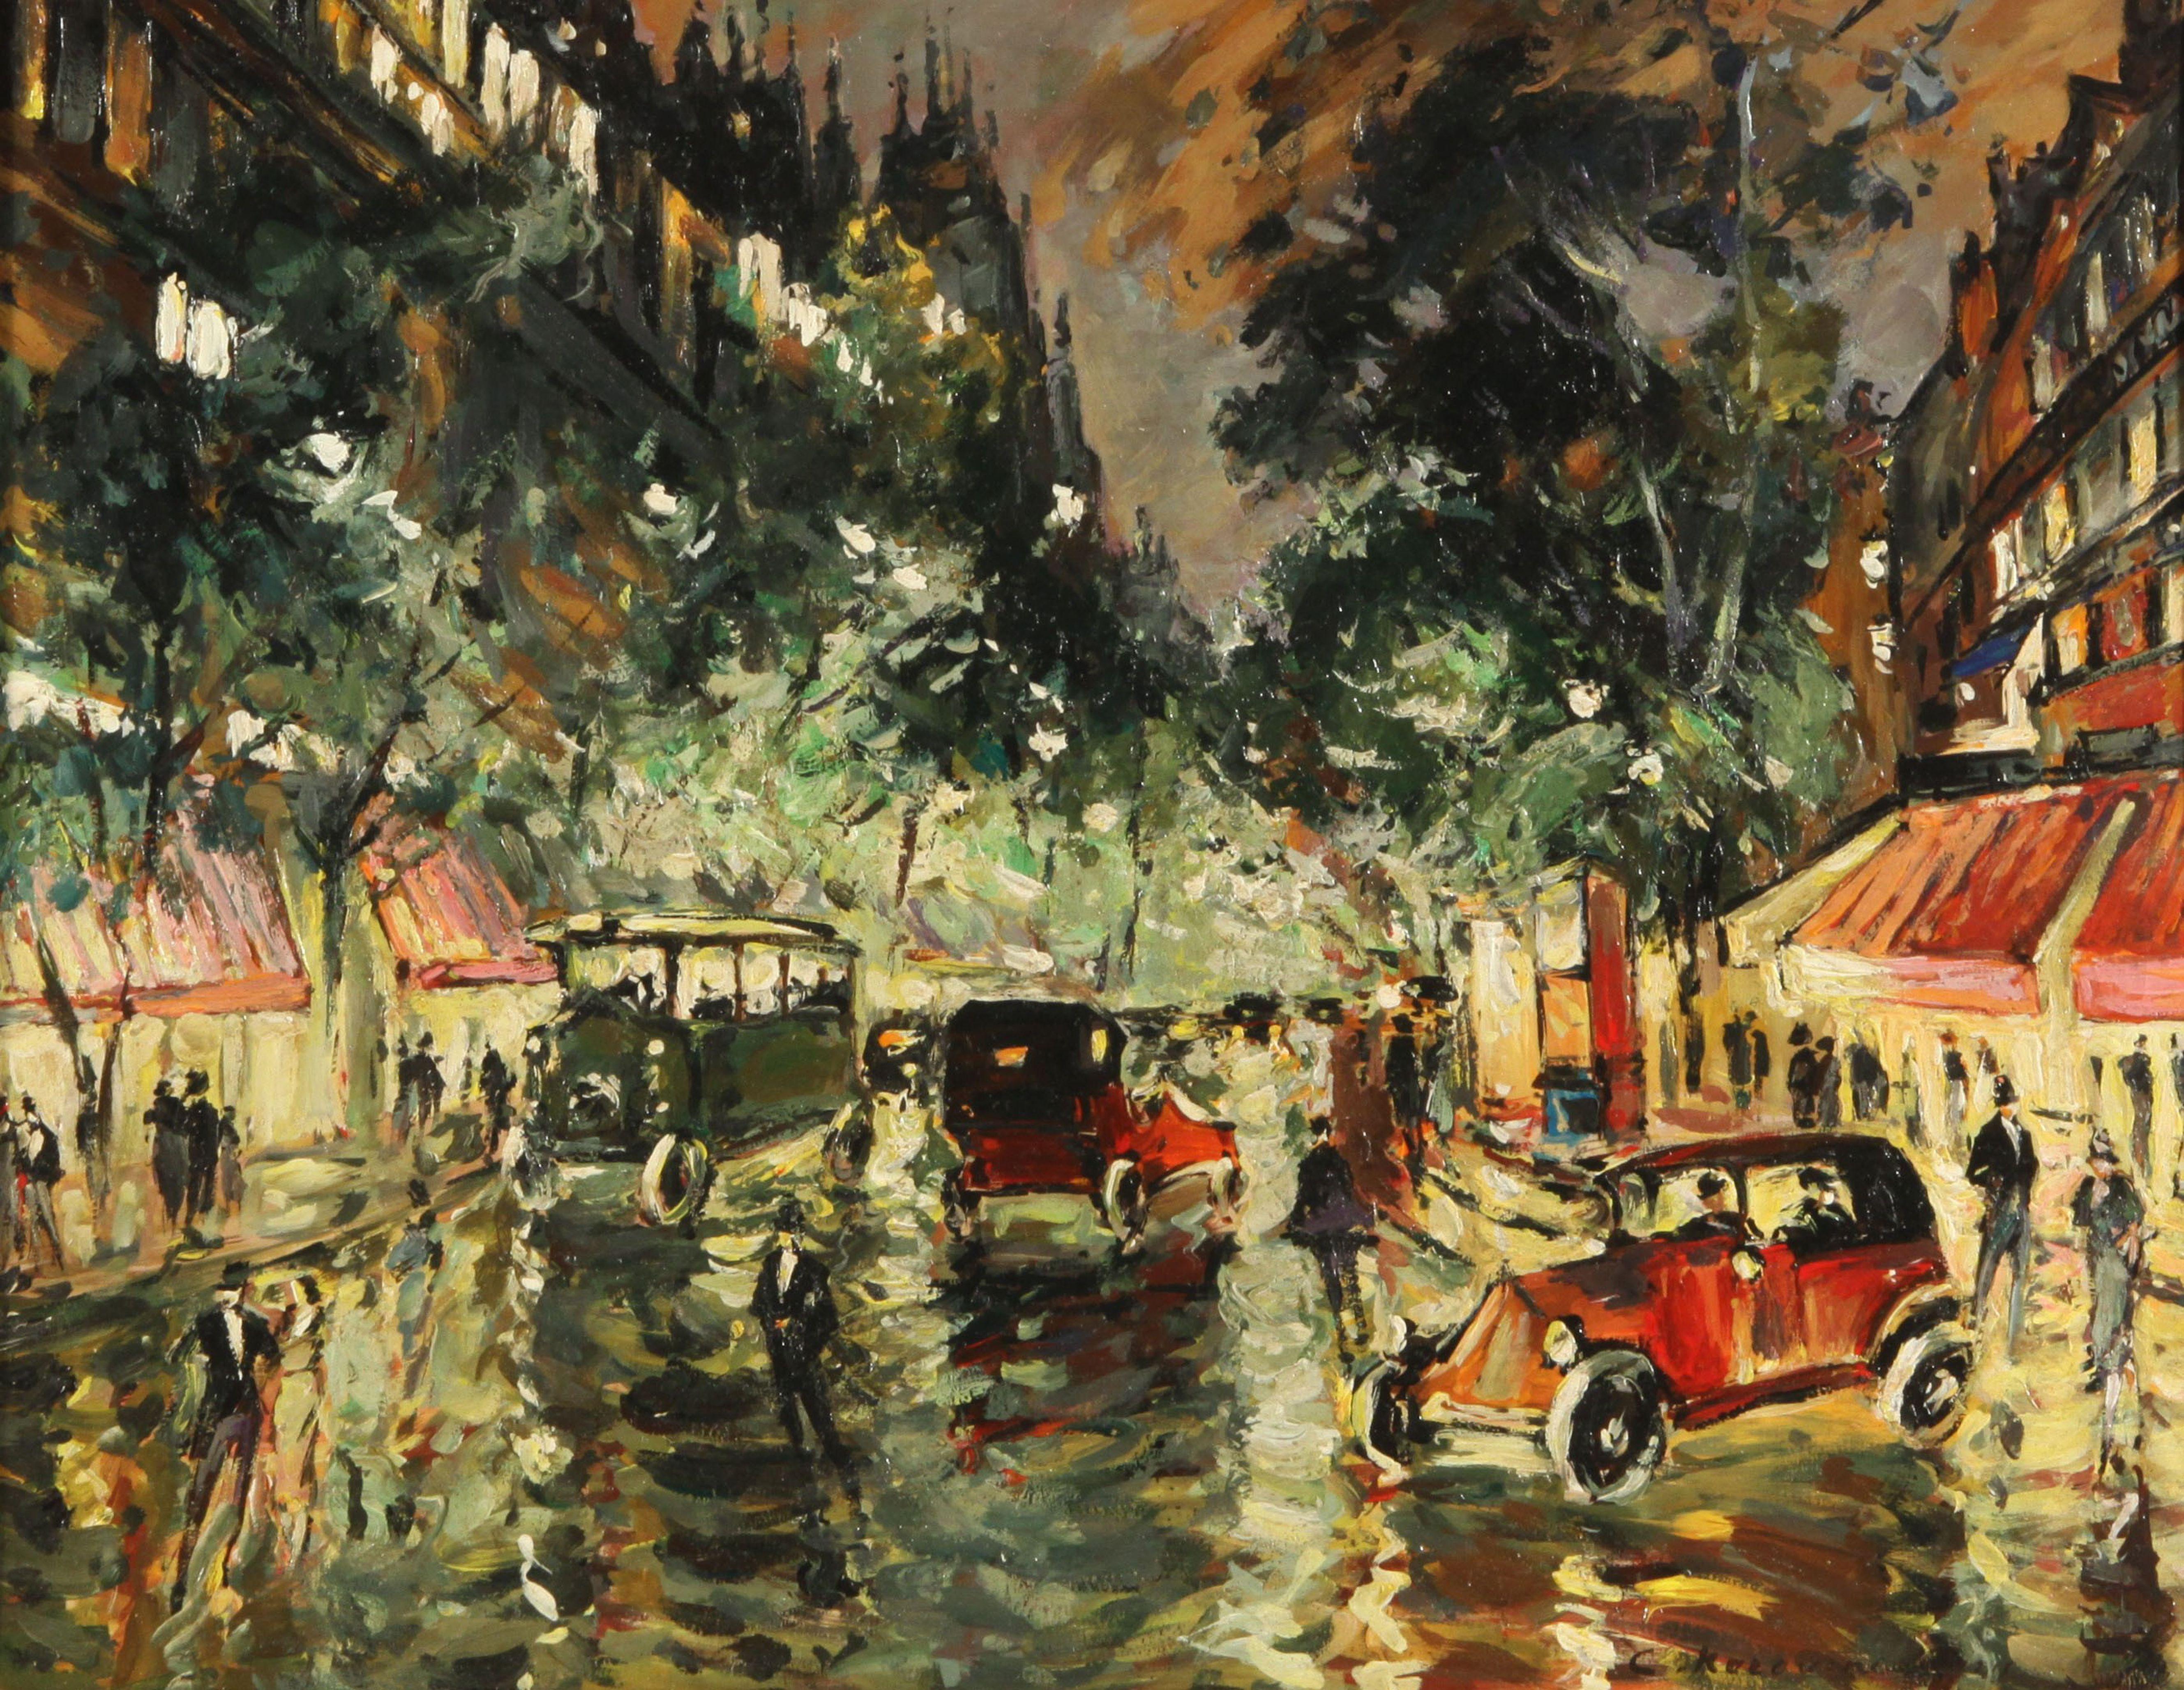 Rainy Night in Paris, 1930s